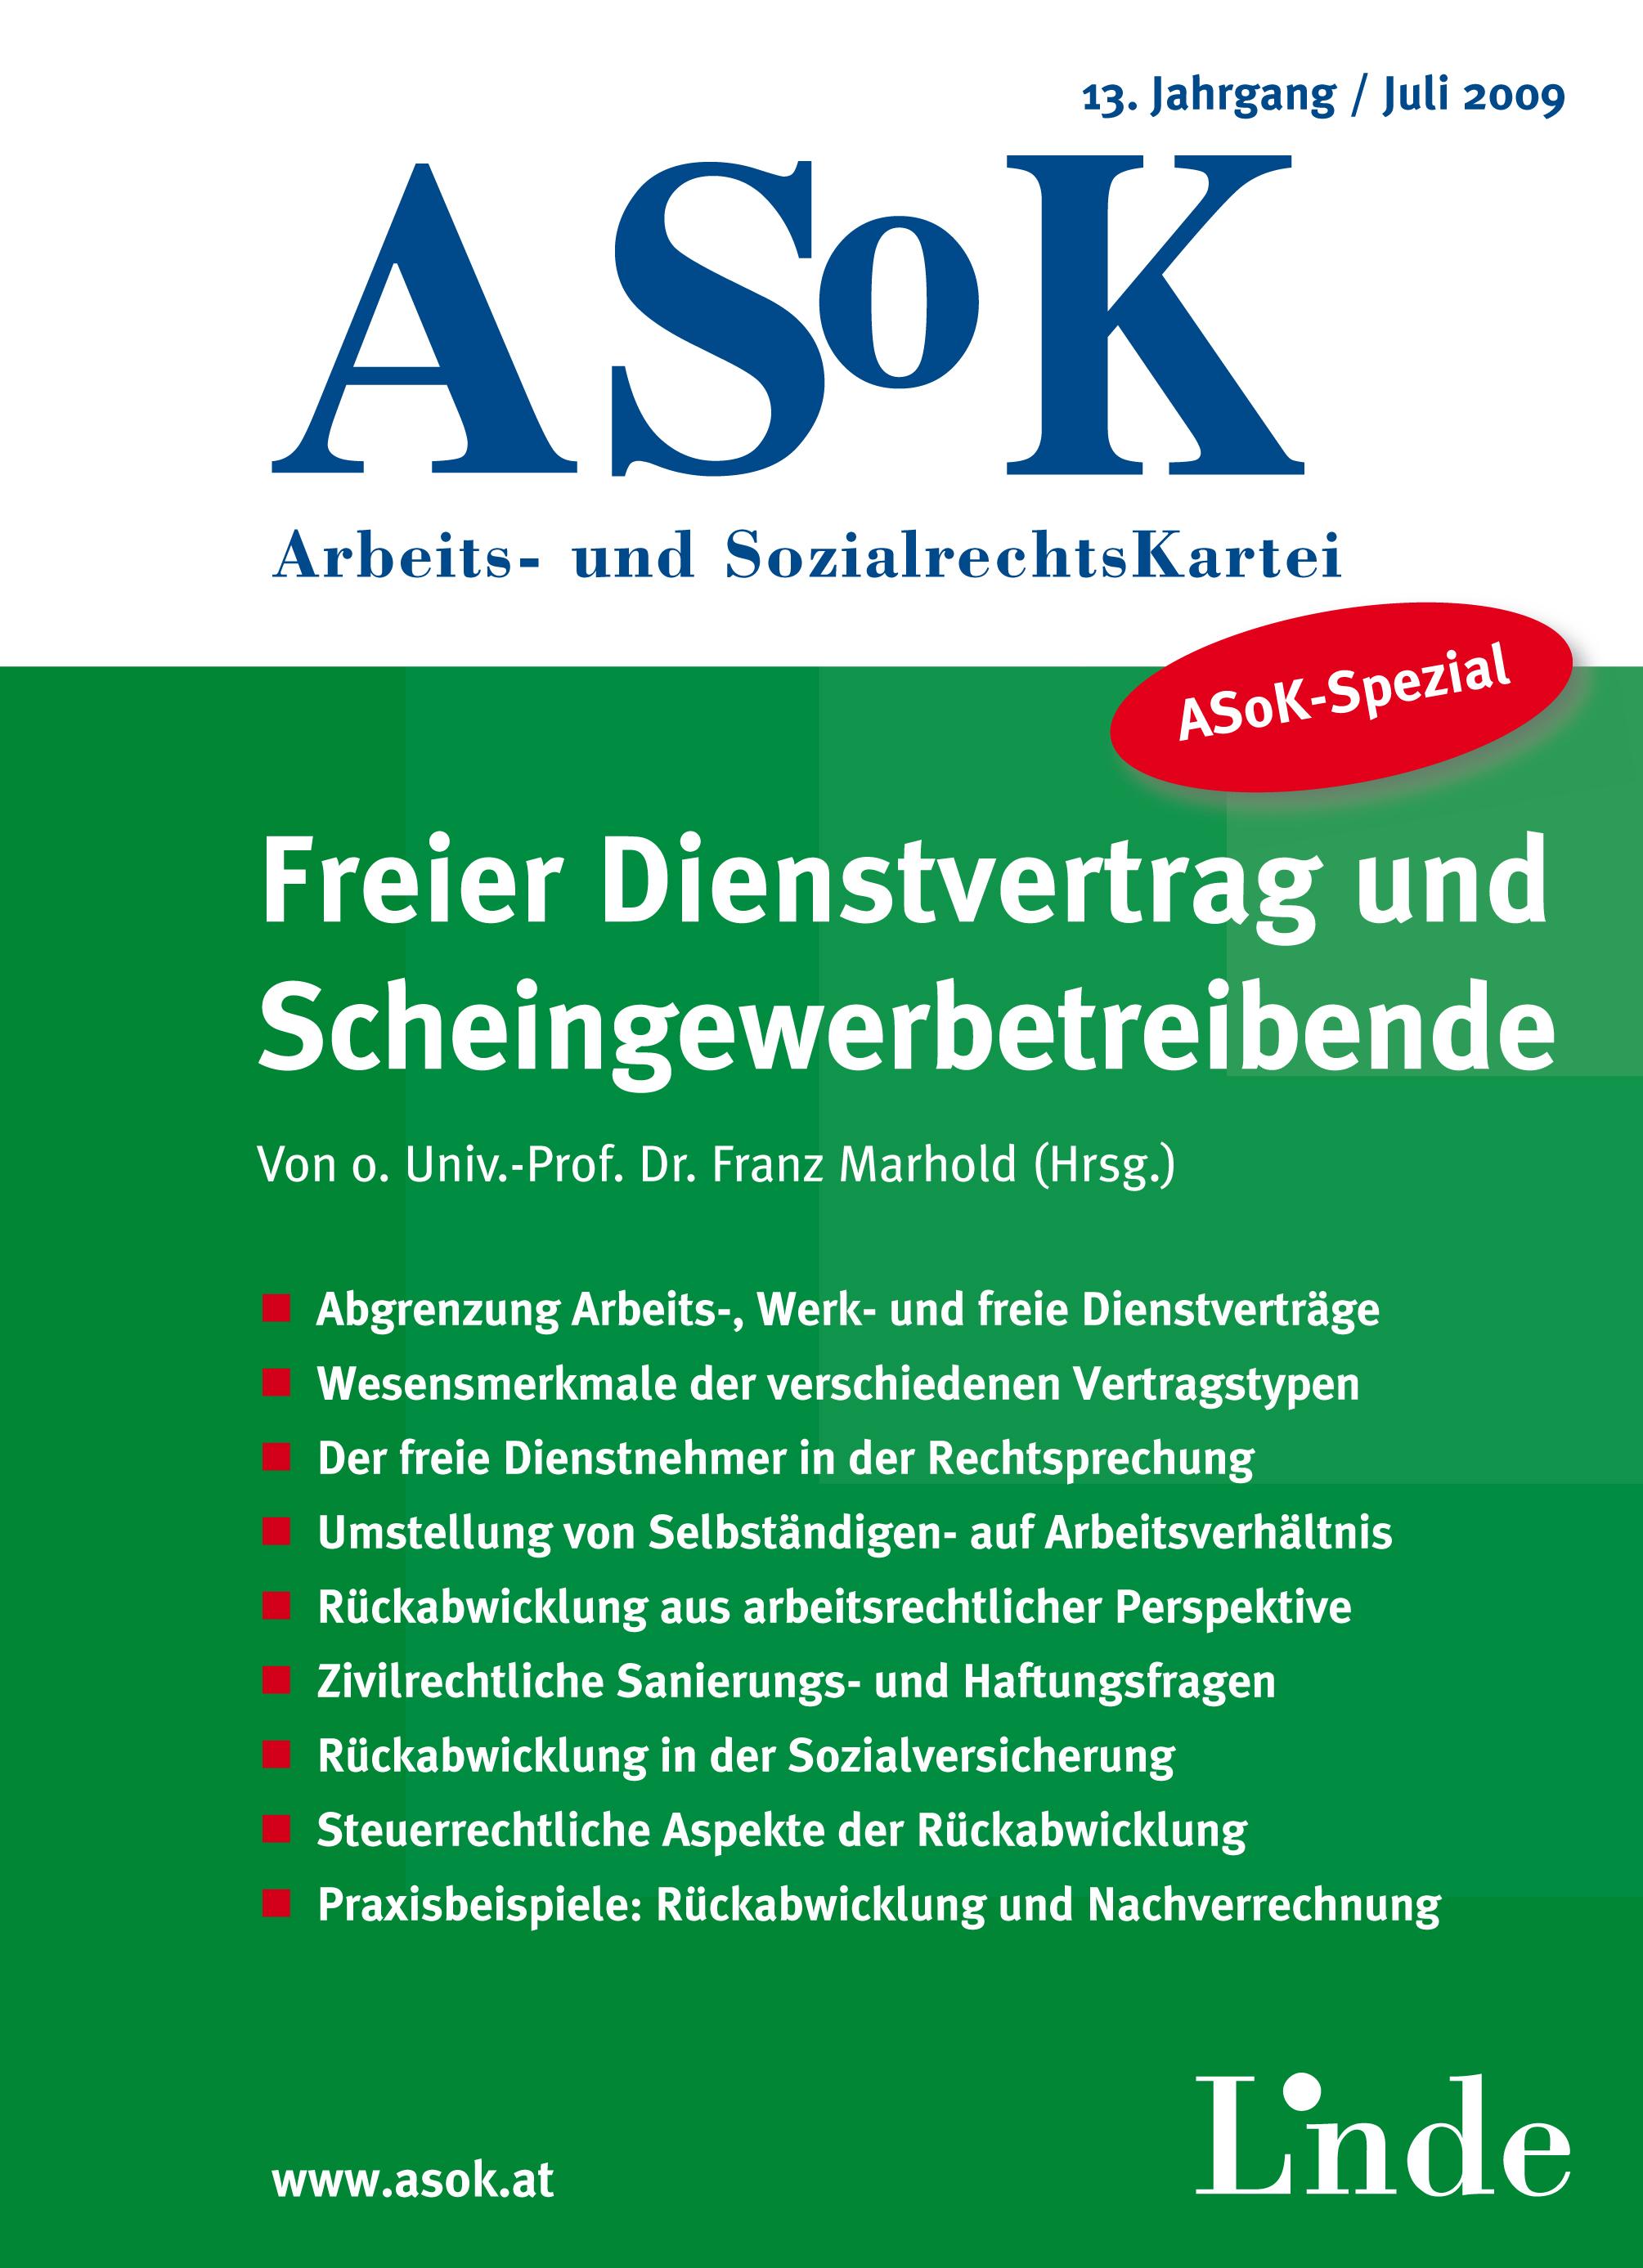 Asok Spezial Freier Dienstvertrag Und Scheingewerbetreibende